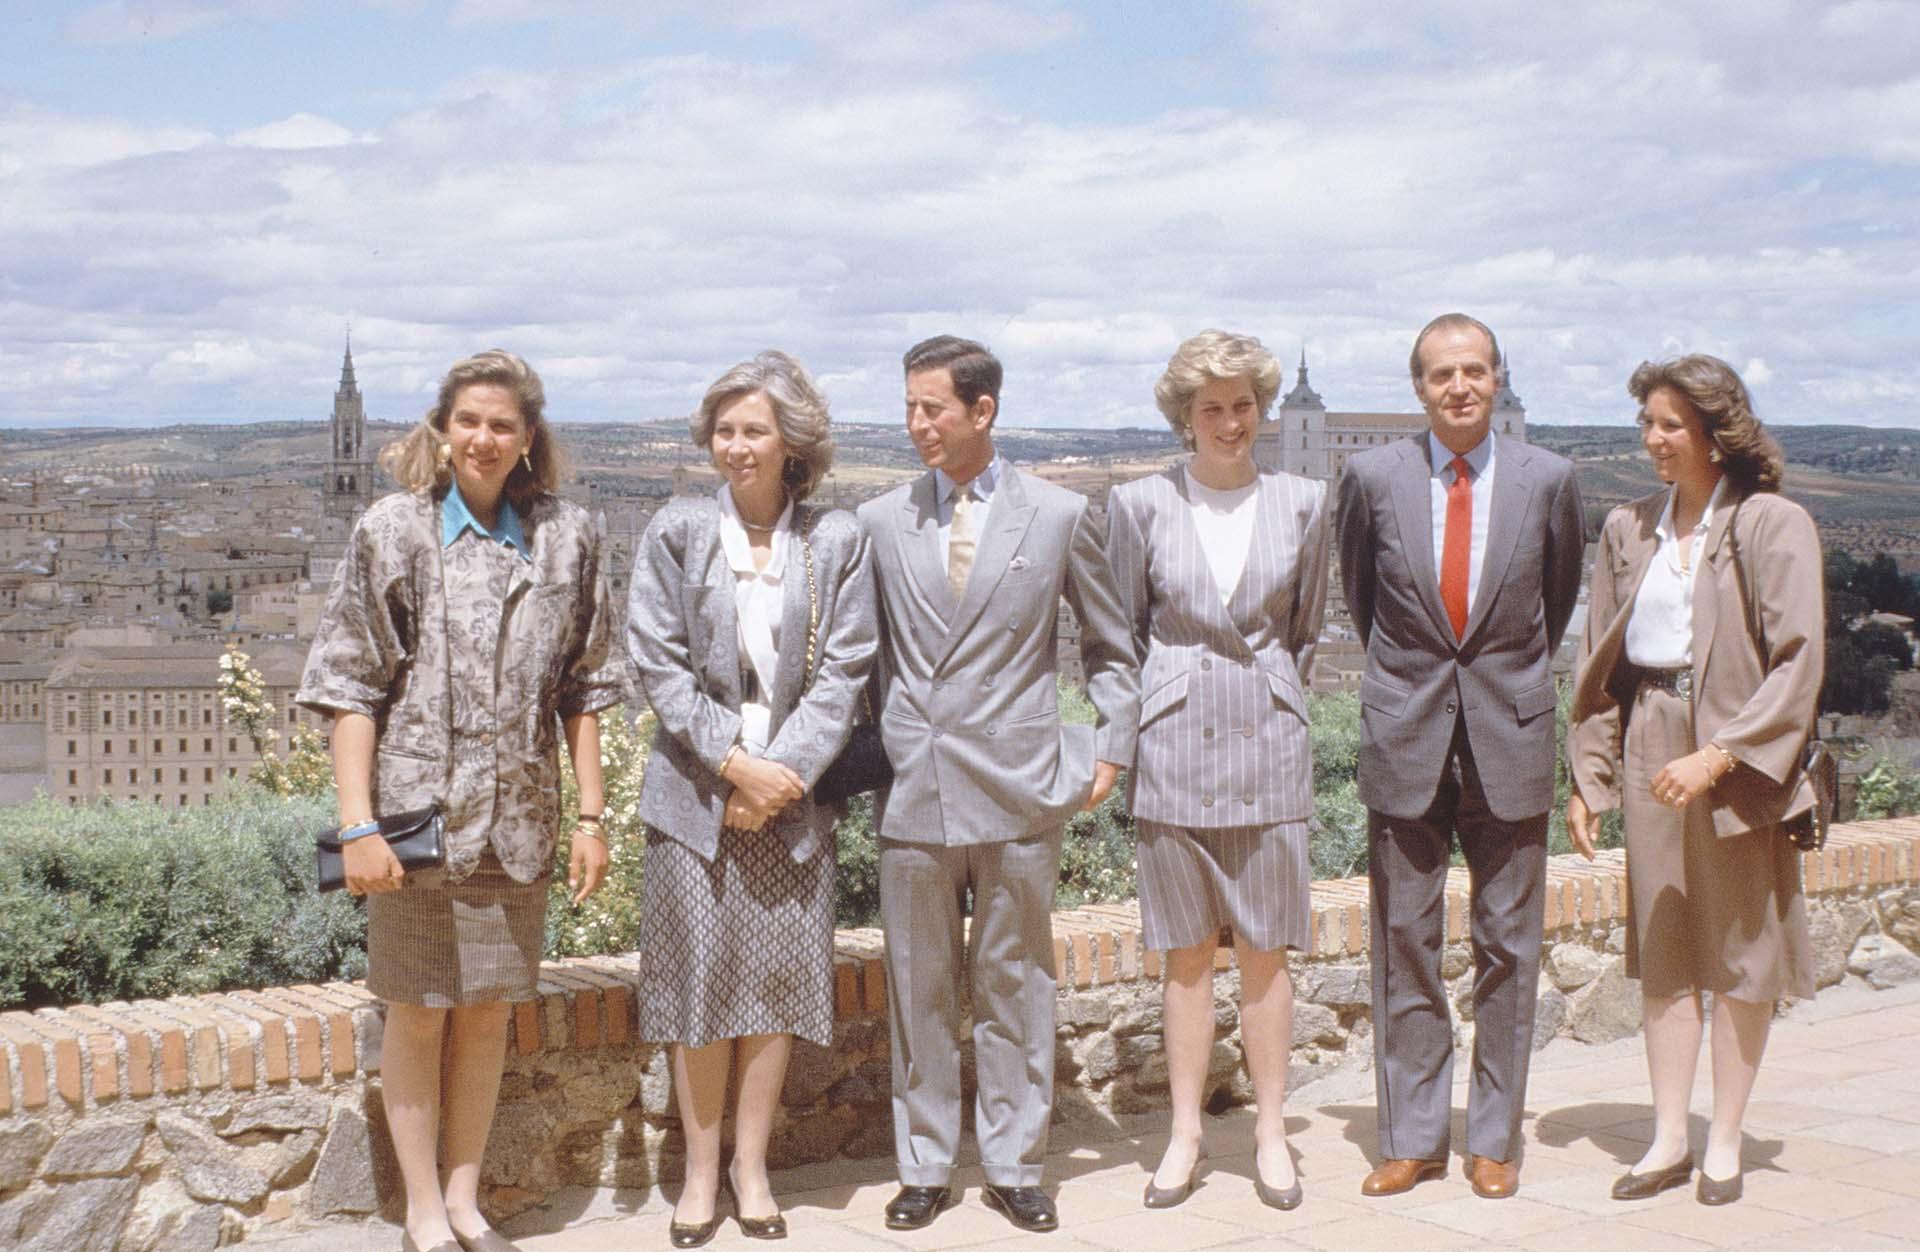 El príncipe Carlos, Lady Di junto a la infanta Cristina, la reina Sofía y el rey Juan Carlos en Toledo, España (Shutterstock)